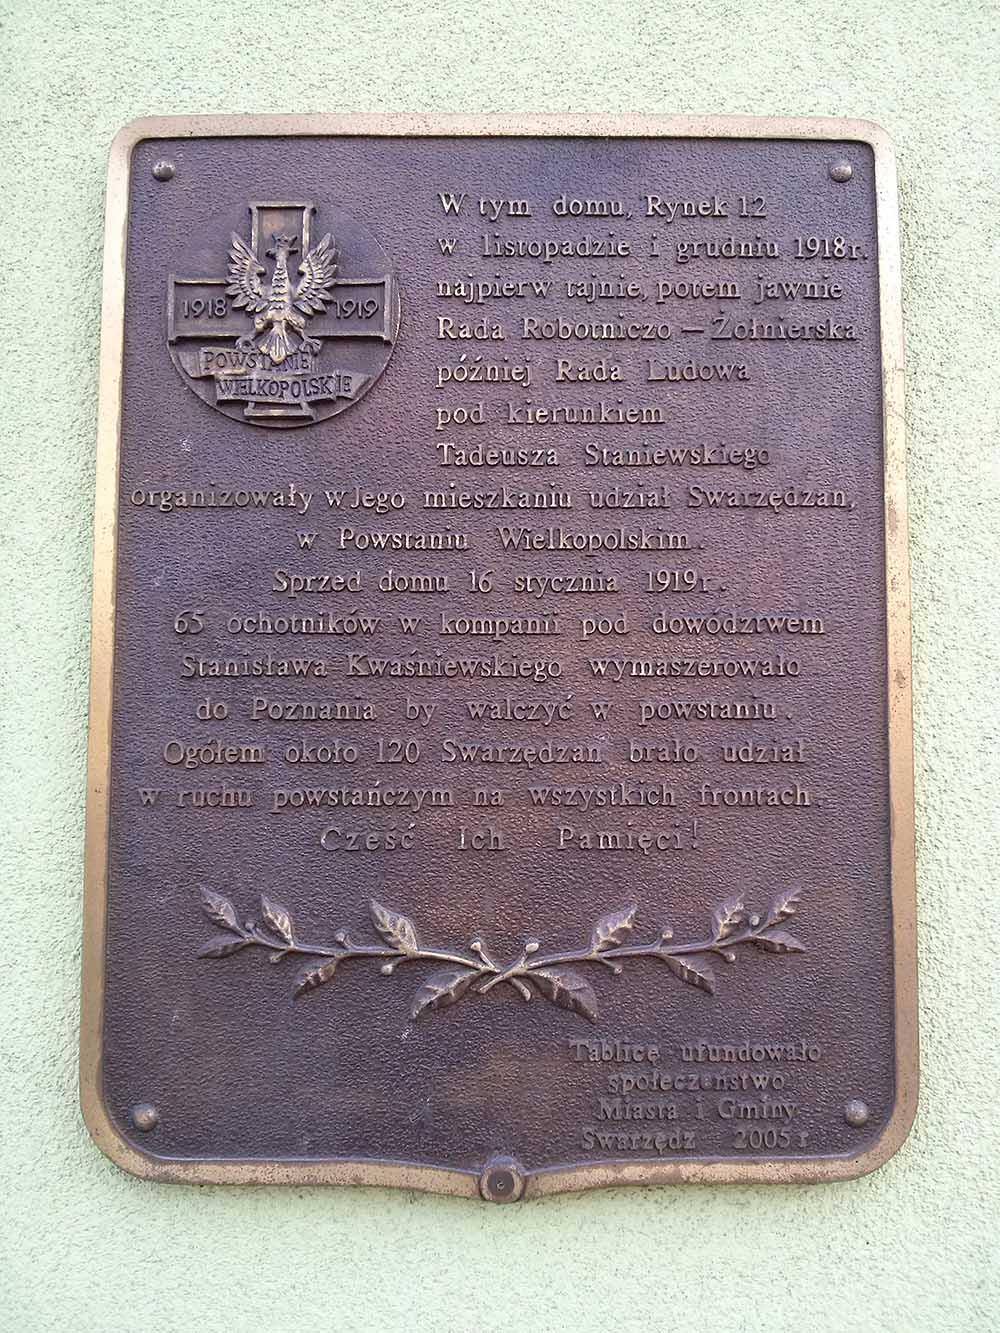 Voormalige Hoofdkwartier Poolse Opstandelingen 1918-1919